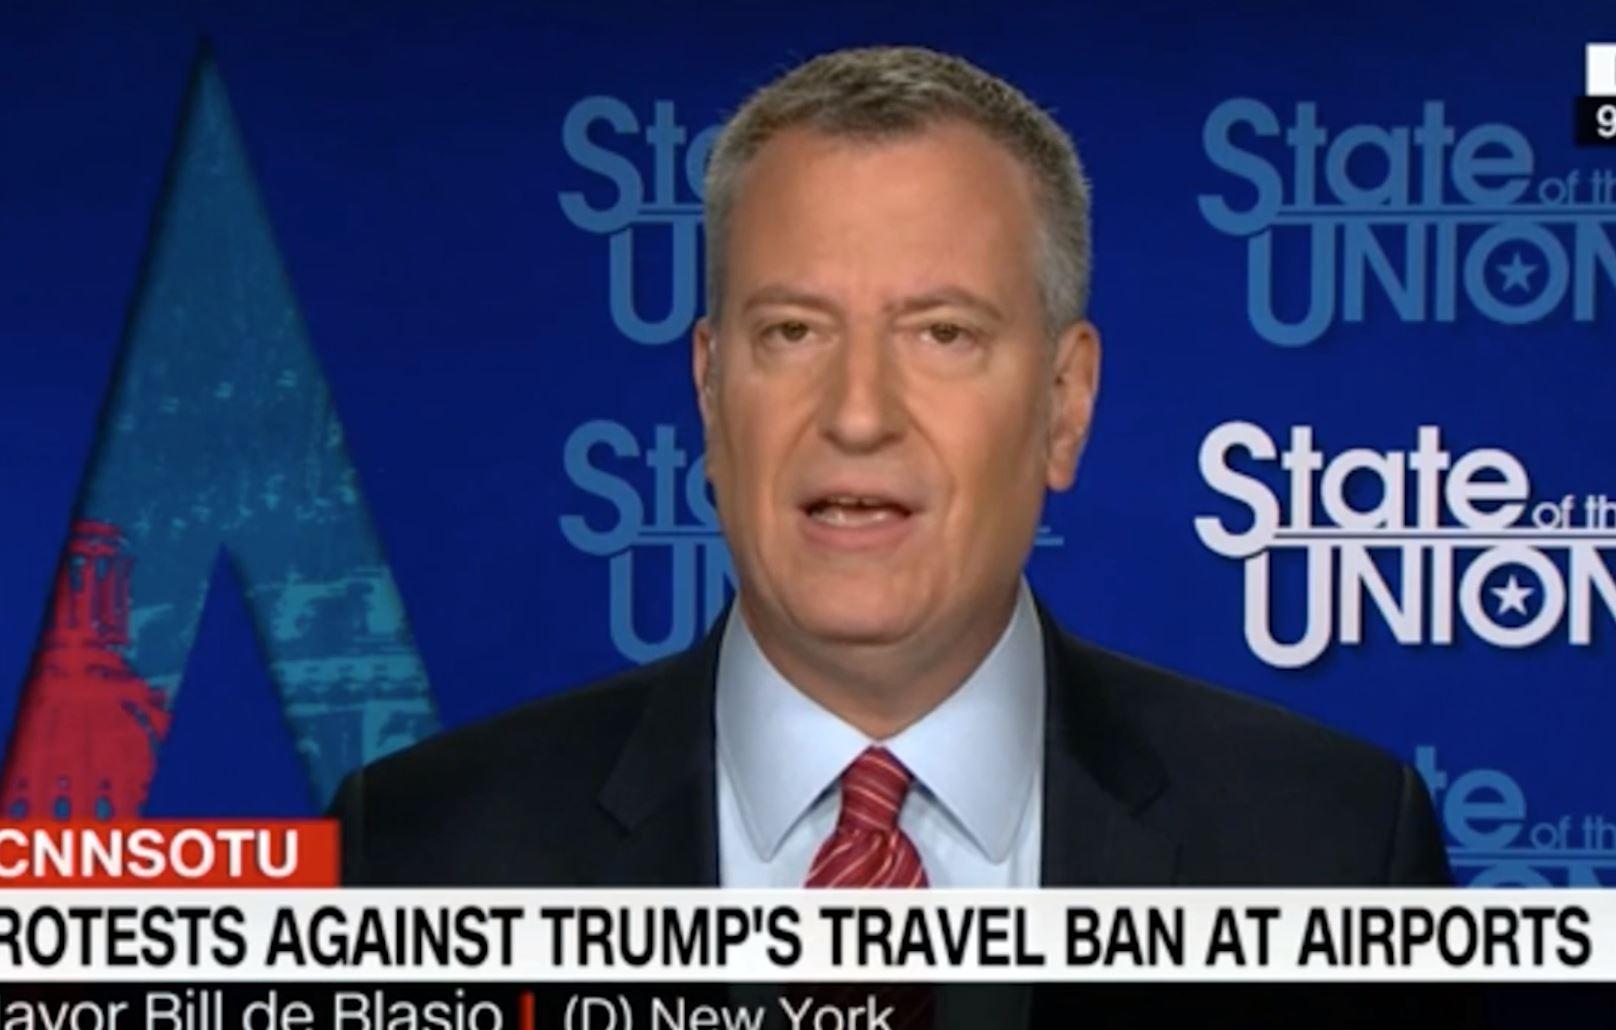 new york mayor condemns donald trump s muslim ban as un american